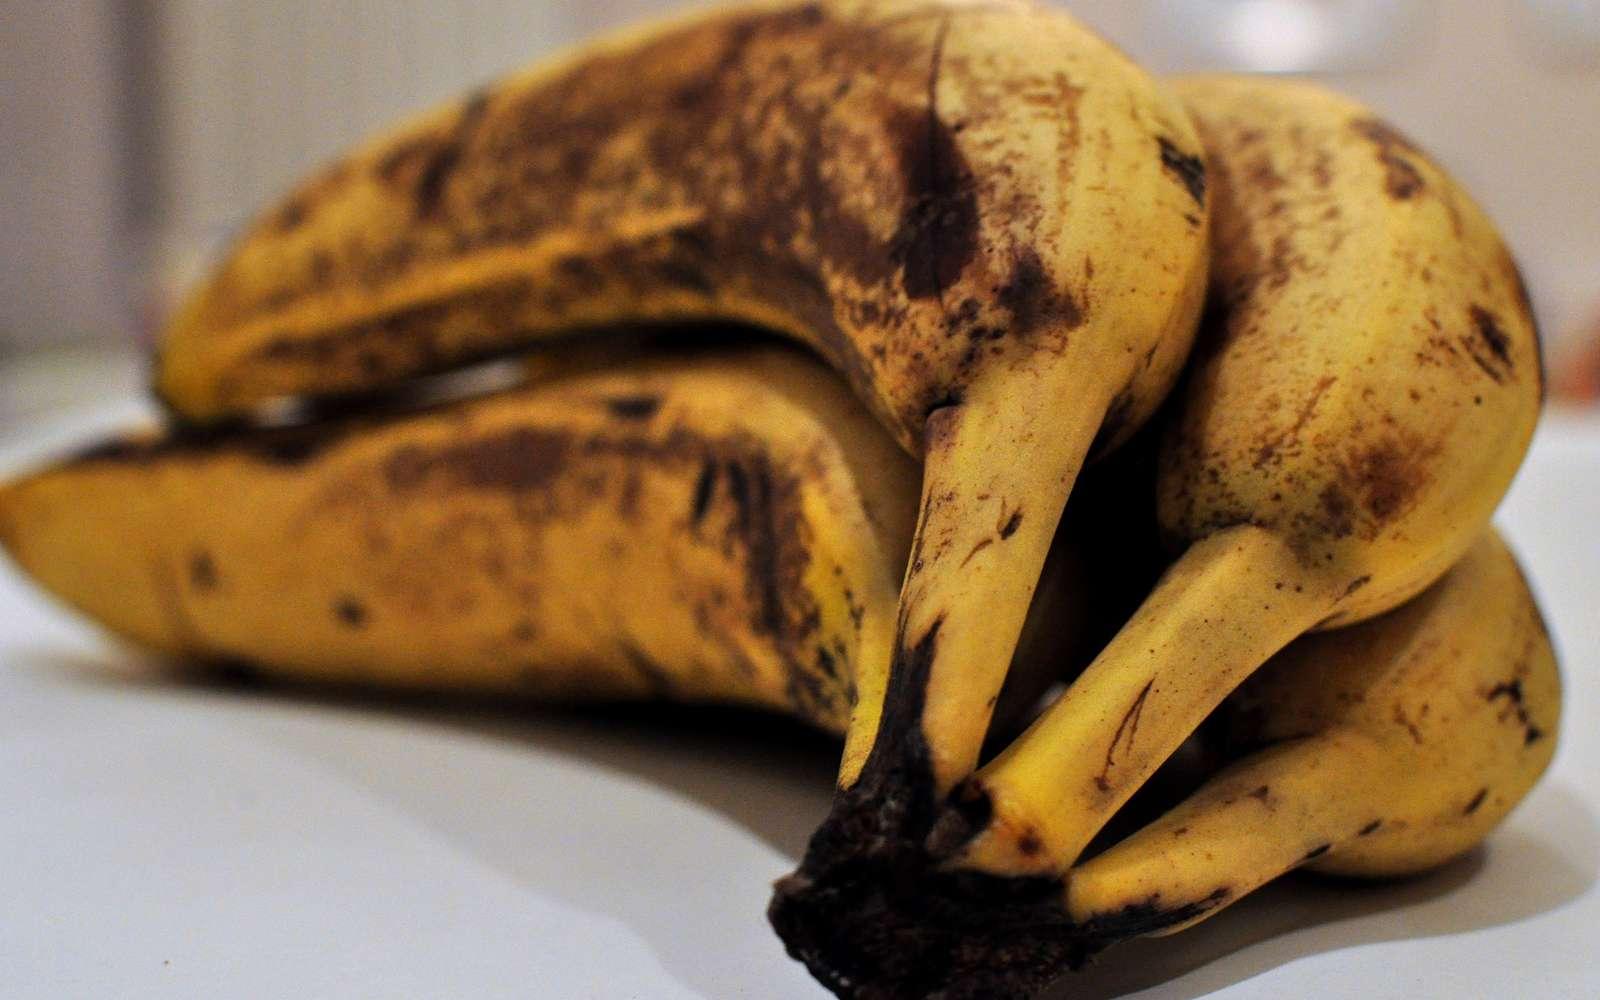 Les fruits mûrs contiennent des esters qui peuvent être produits, dans l'industrie, par une réaction d'estérification. © Frédérique Voisin-Demery, Flickr, CC by 2.0